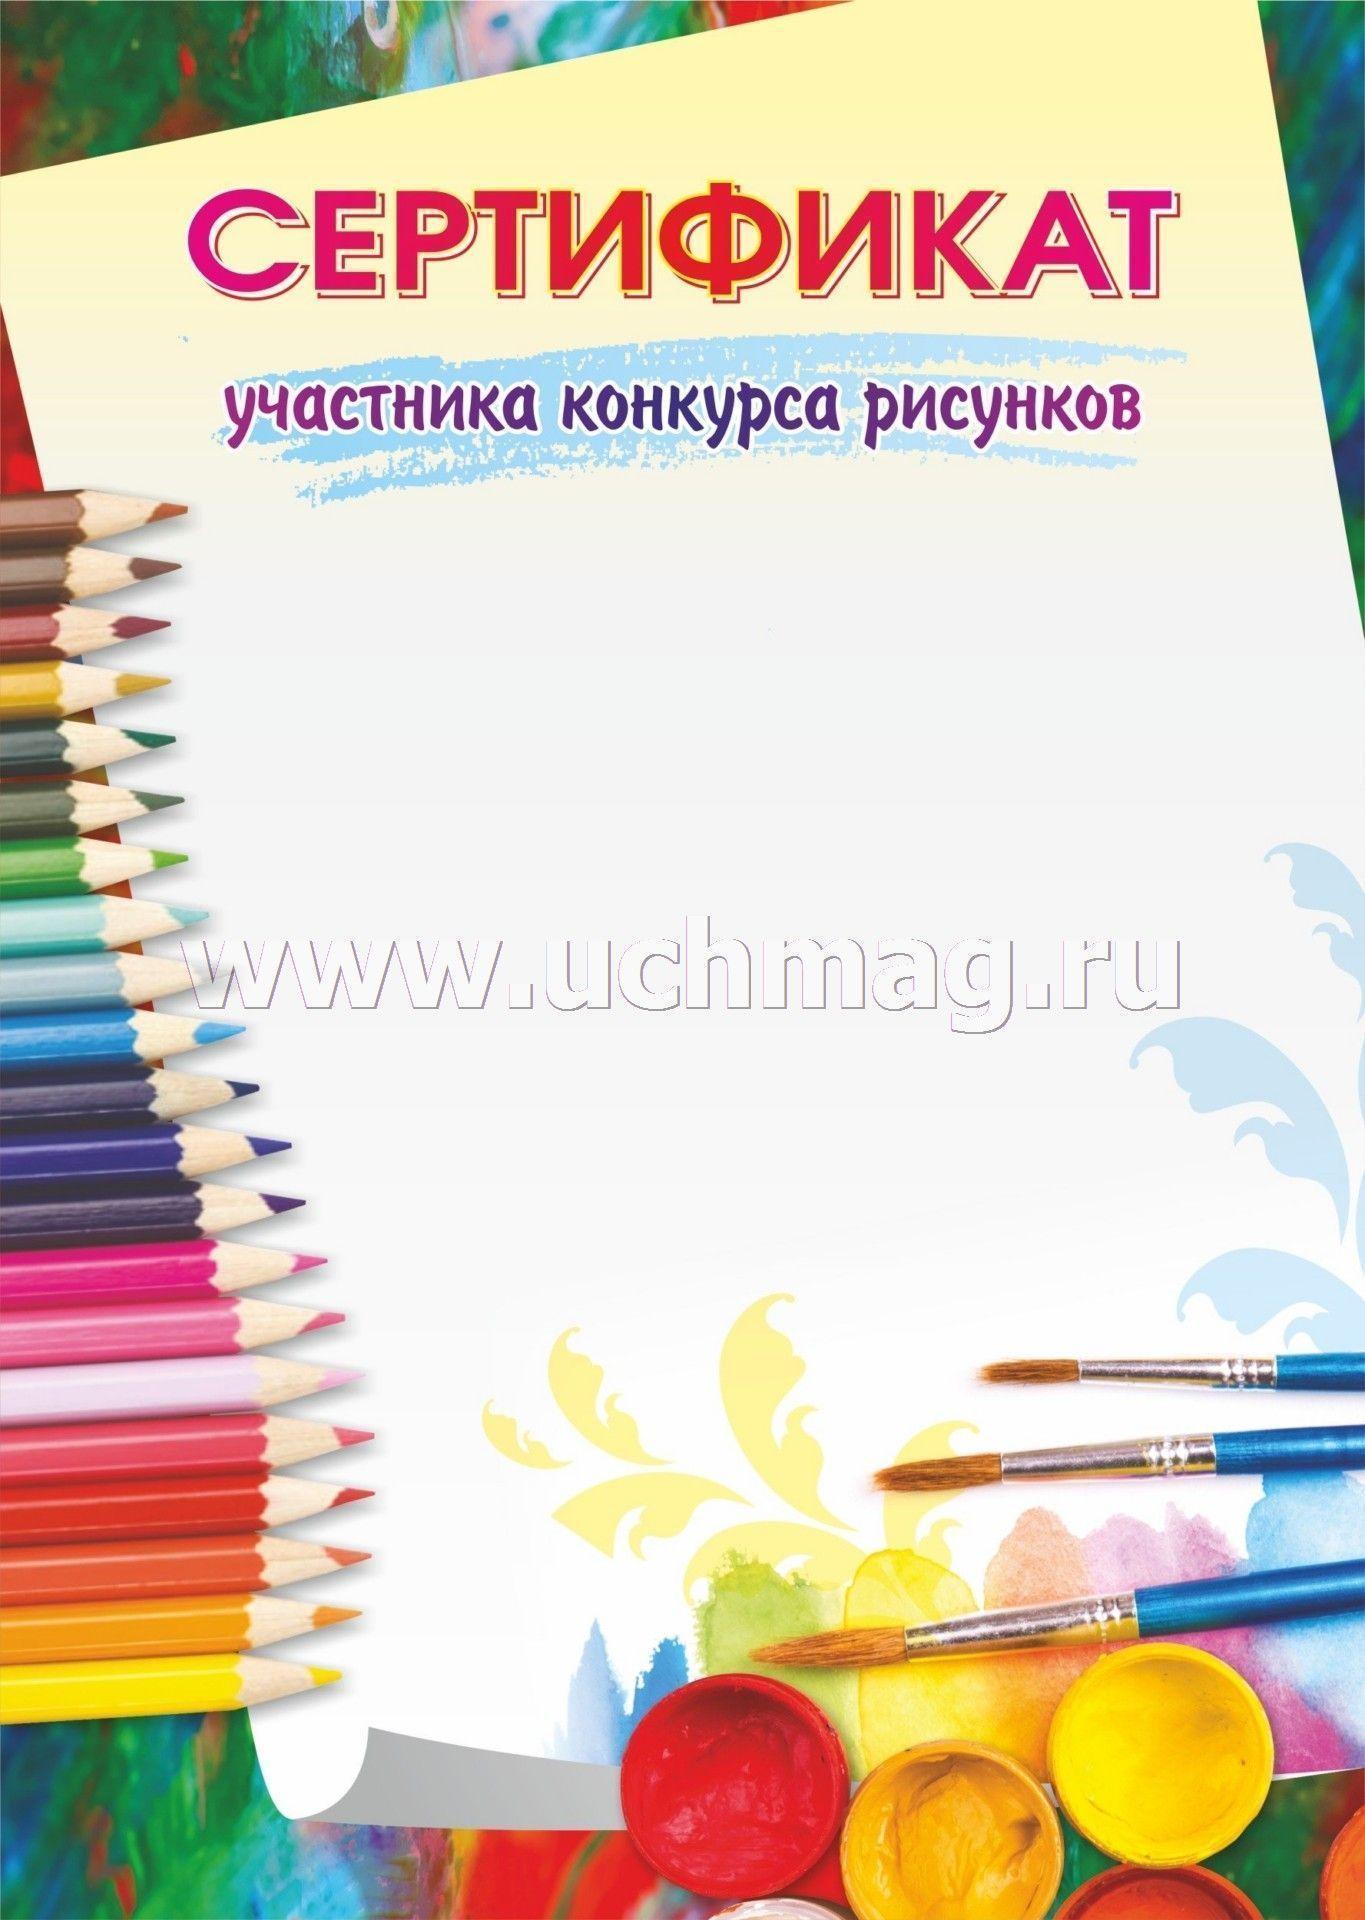 Грамота конкурс рисунков